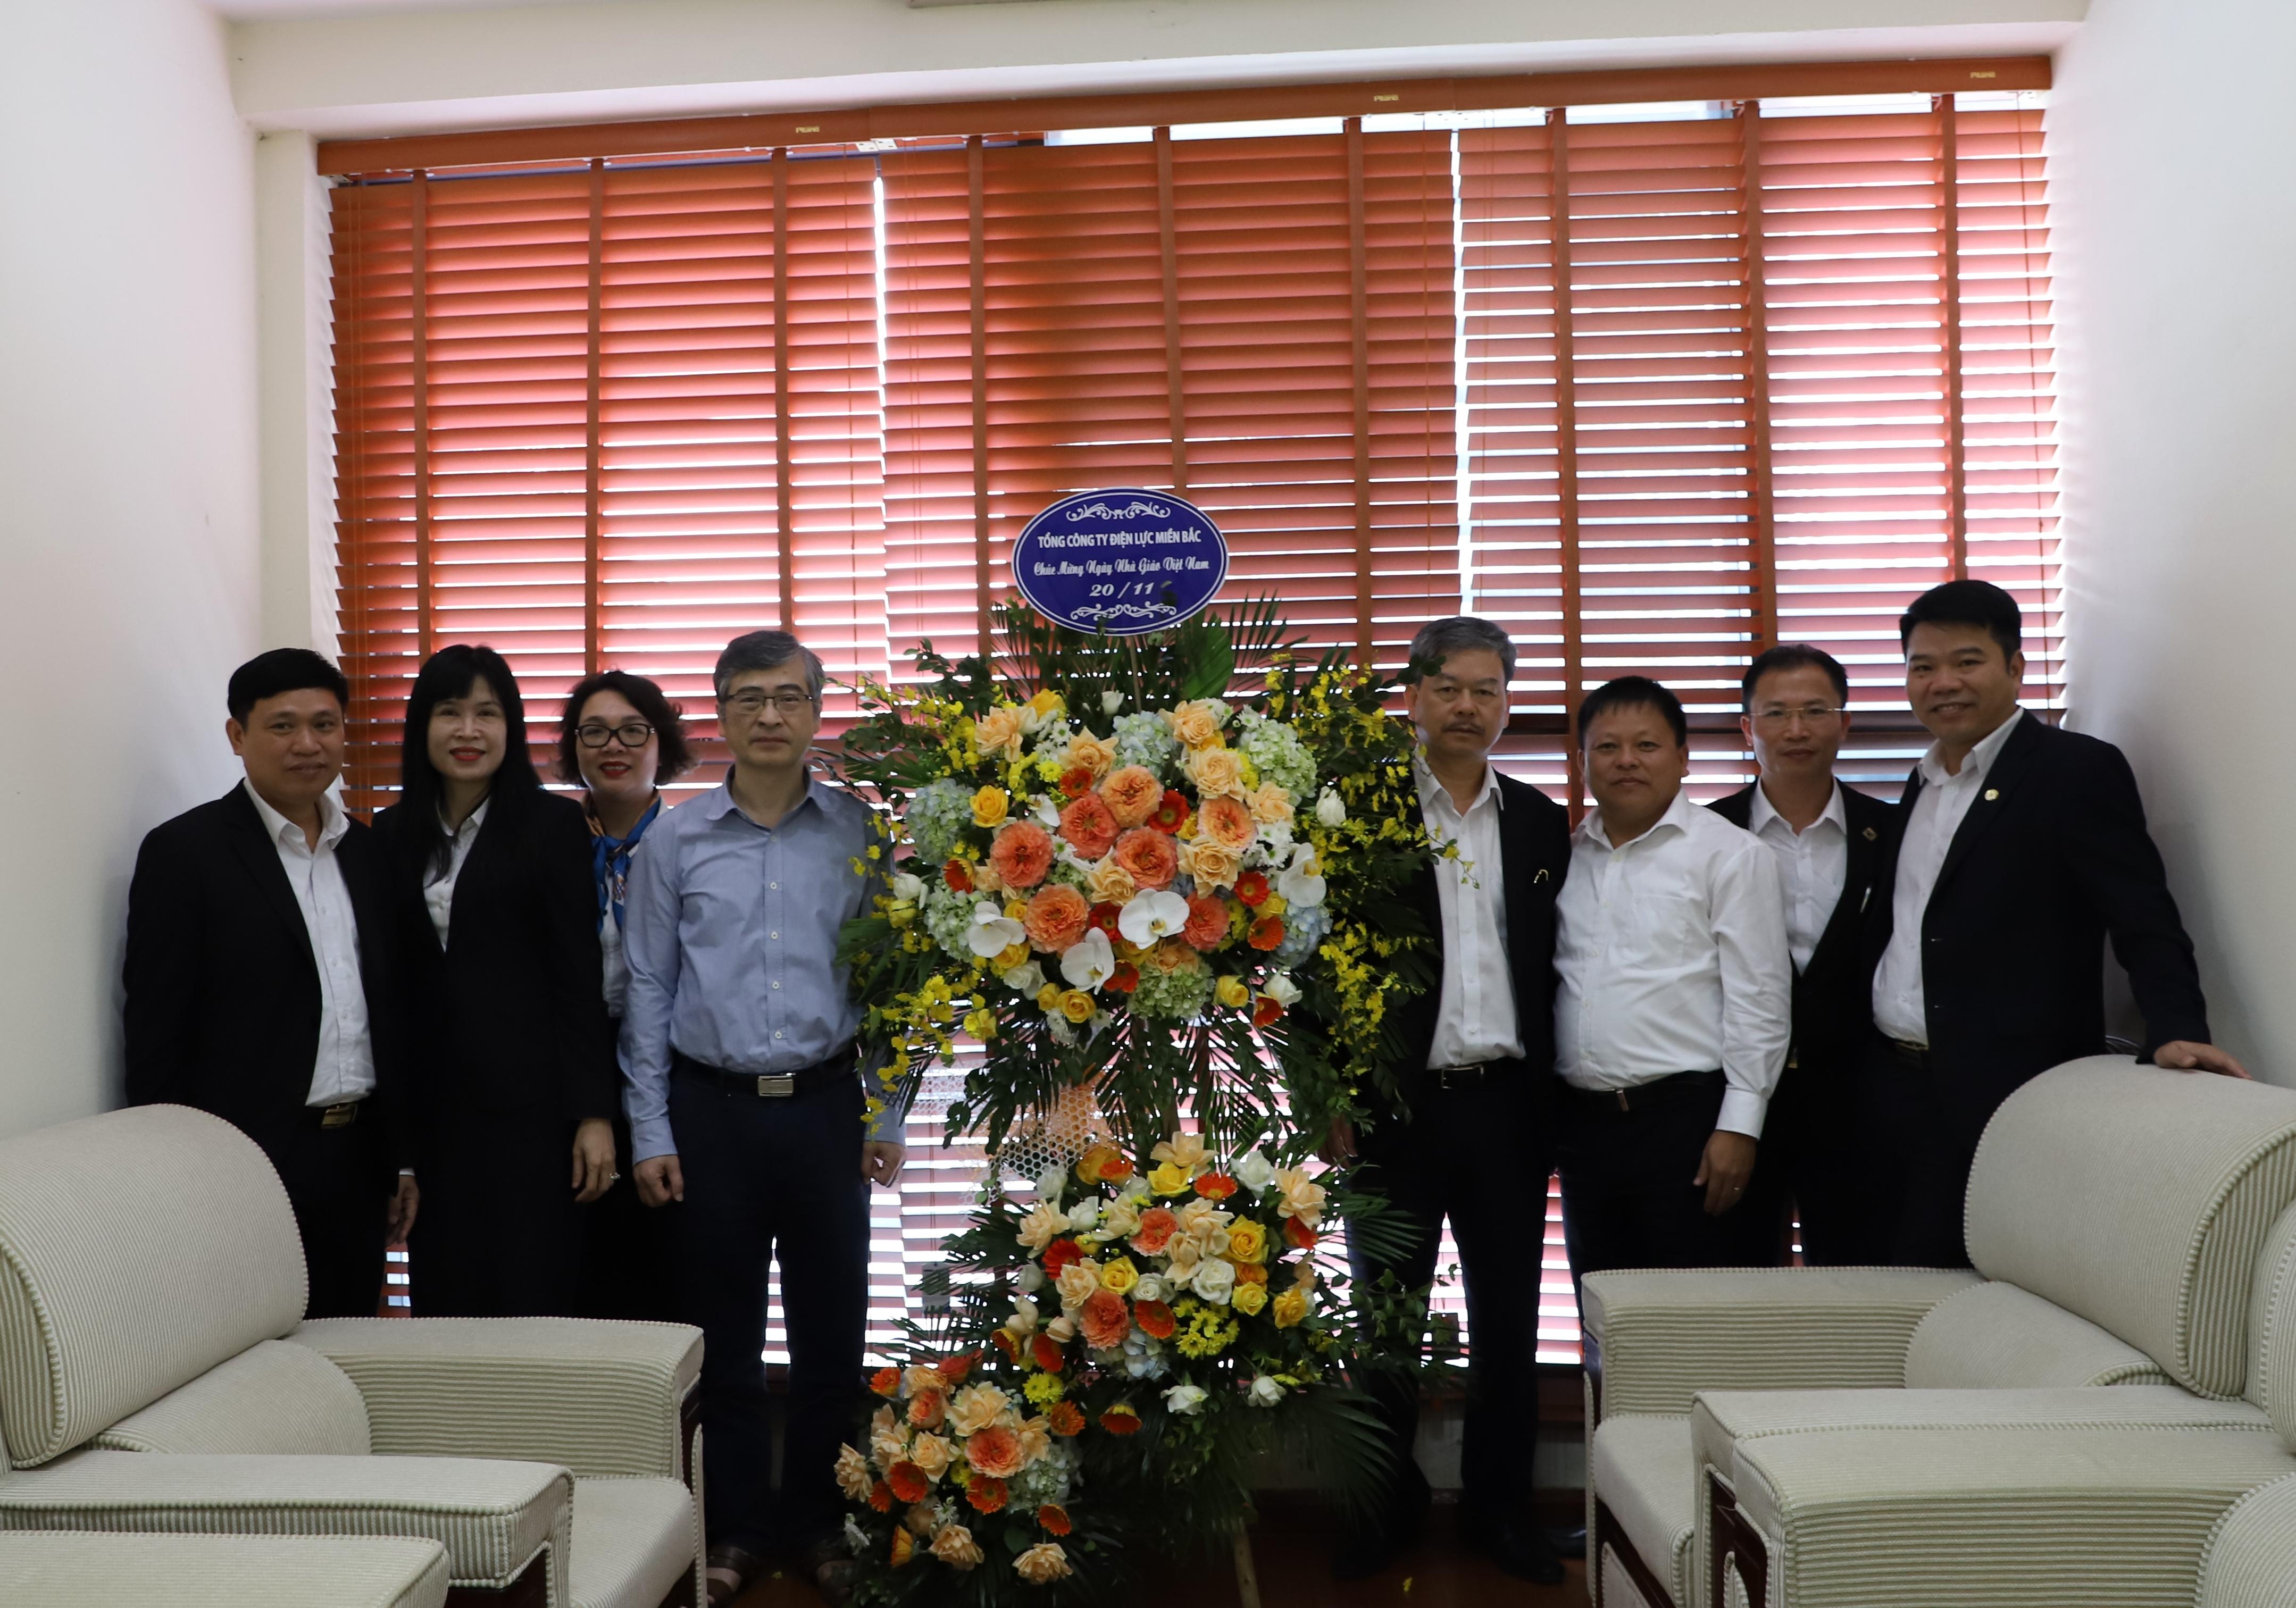 Phó Tổng Giám đốc EVNNPC Lê Quang Thái tặng hoa chúc mừng các thầy, cô giáo trường Đại học Điện lực nhân Ngày Nhà giáo Việt Nam.